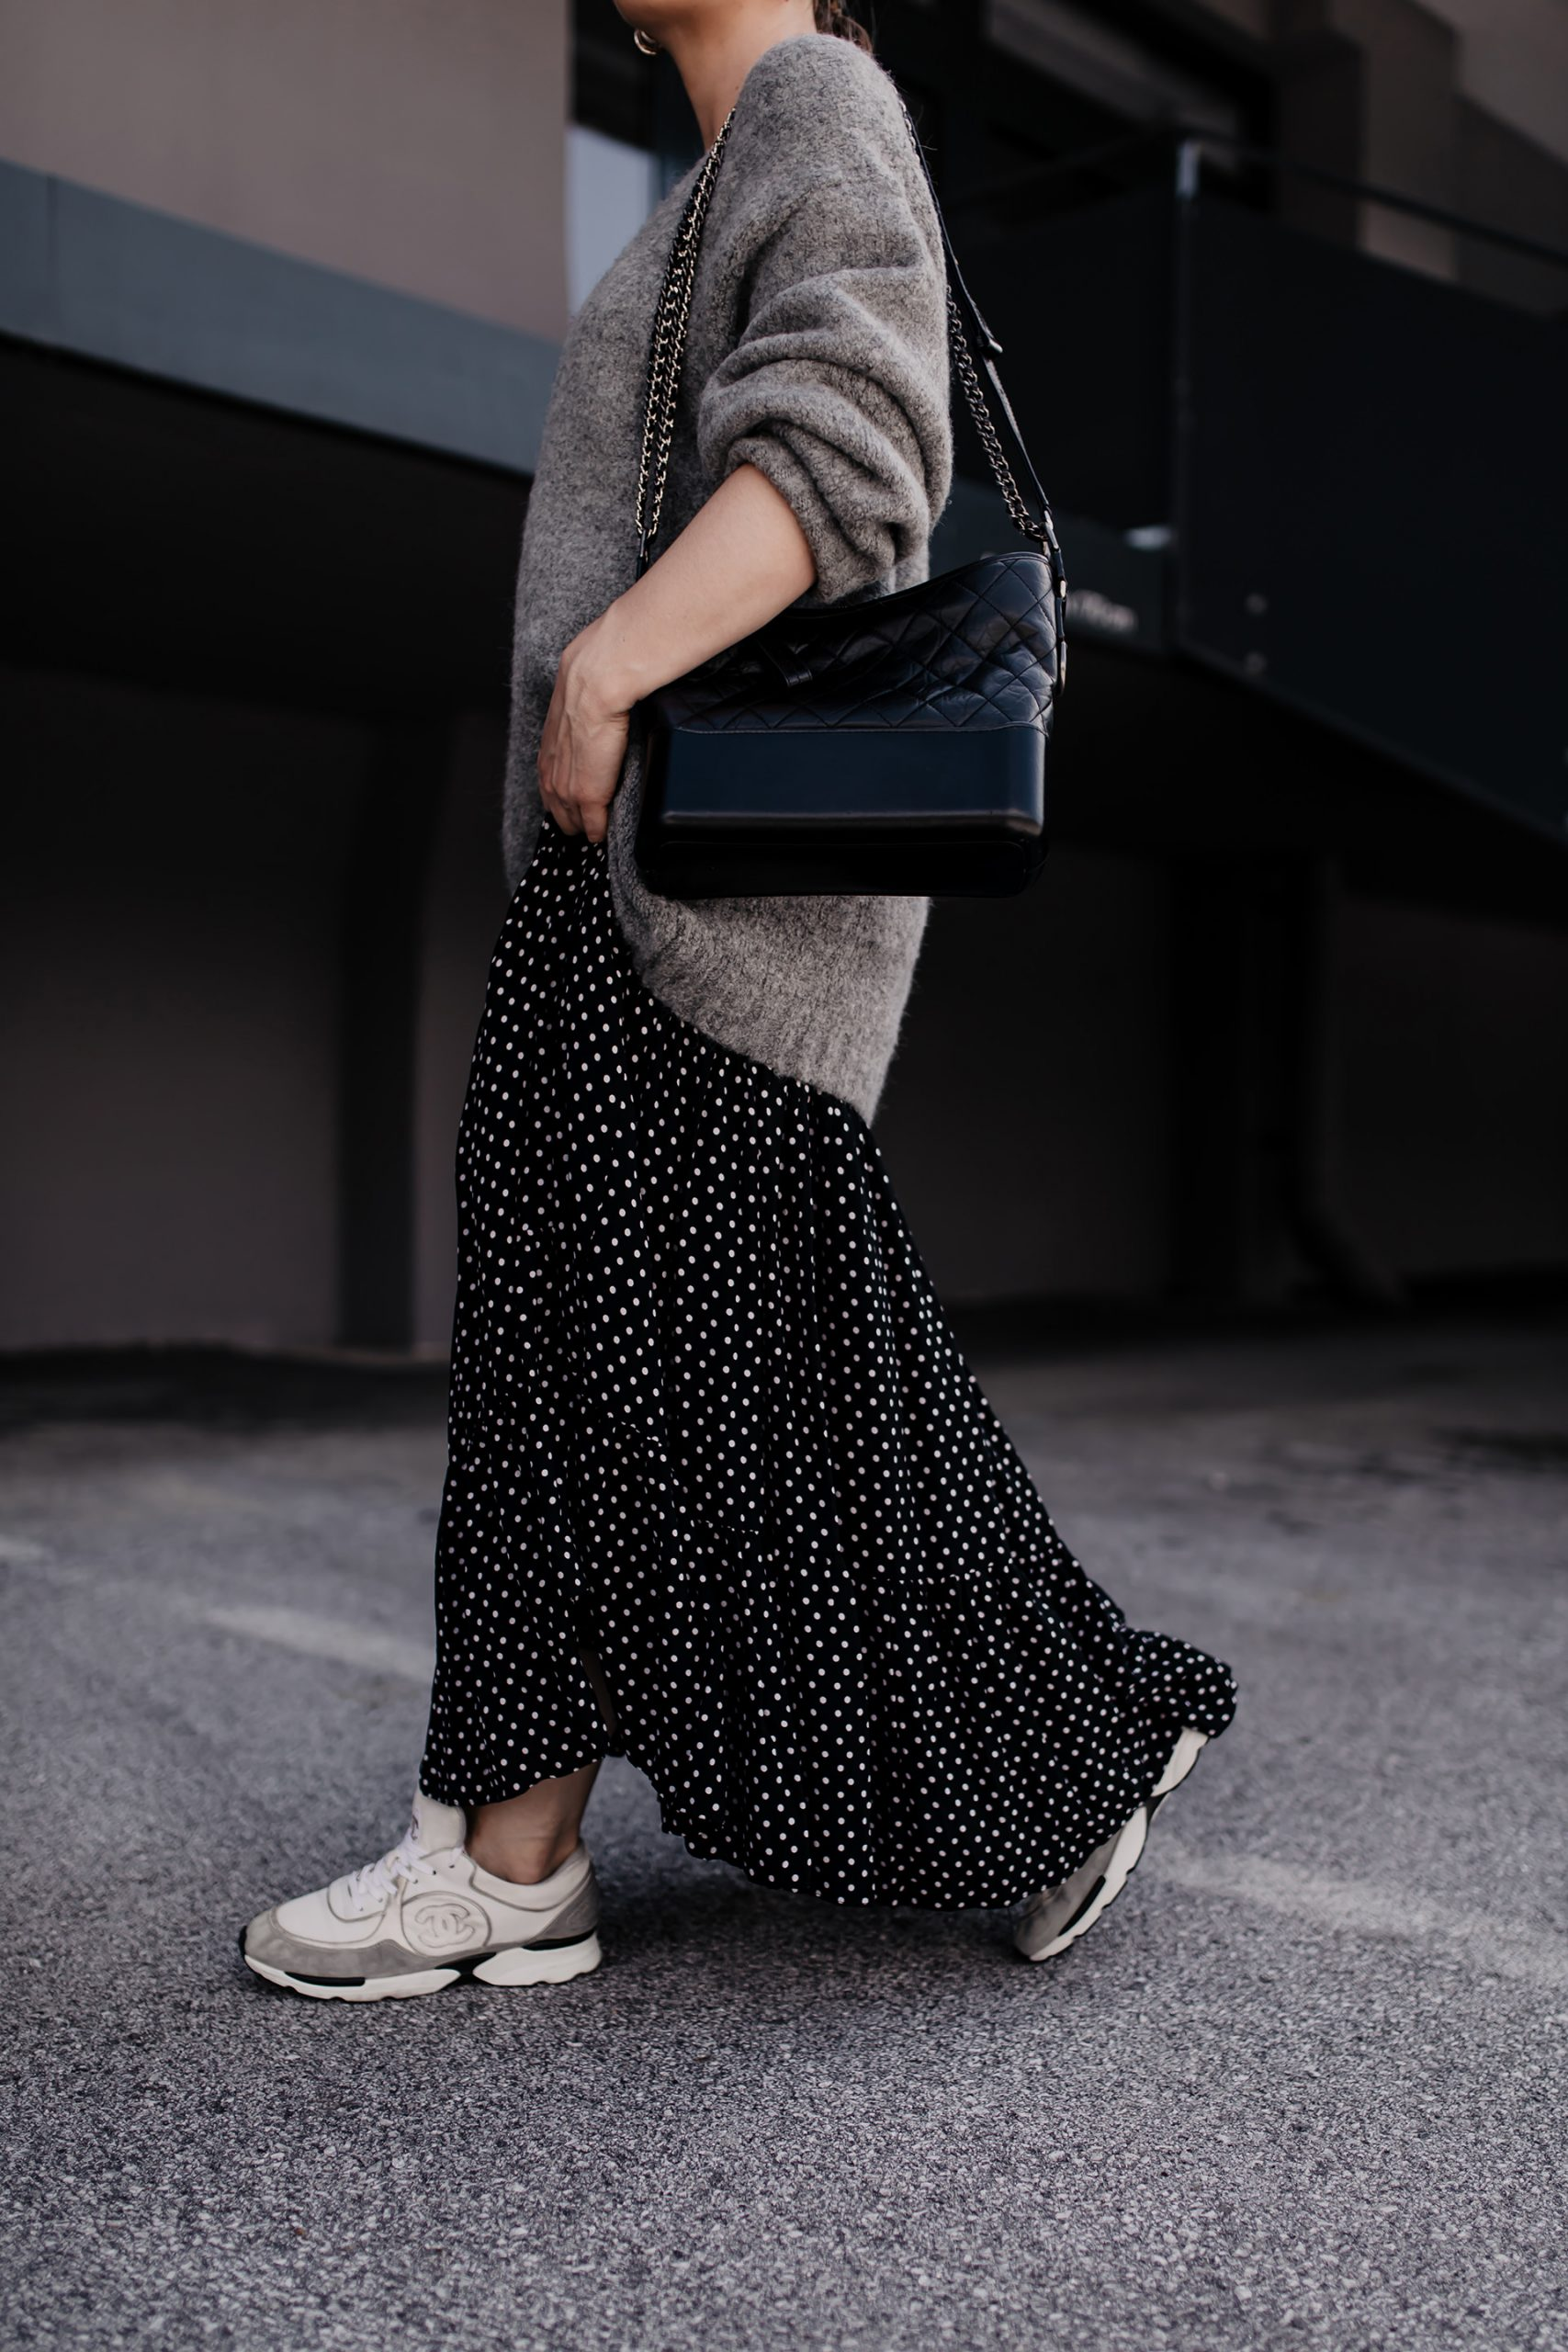 Der Herbst ist einfach unglaublich vielseitig, gerade was Mode und neue Trends betrifft. Heute zeige ich dir hier am Modeblog, wie du dein Maxikleid im Herbst kombinieren kannst. www.whoismocca.com